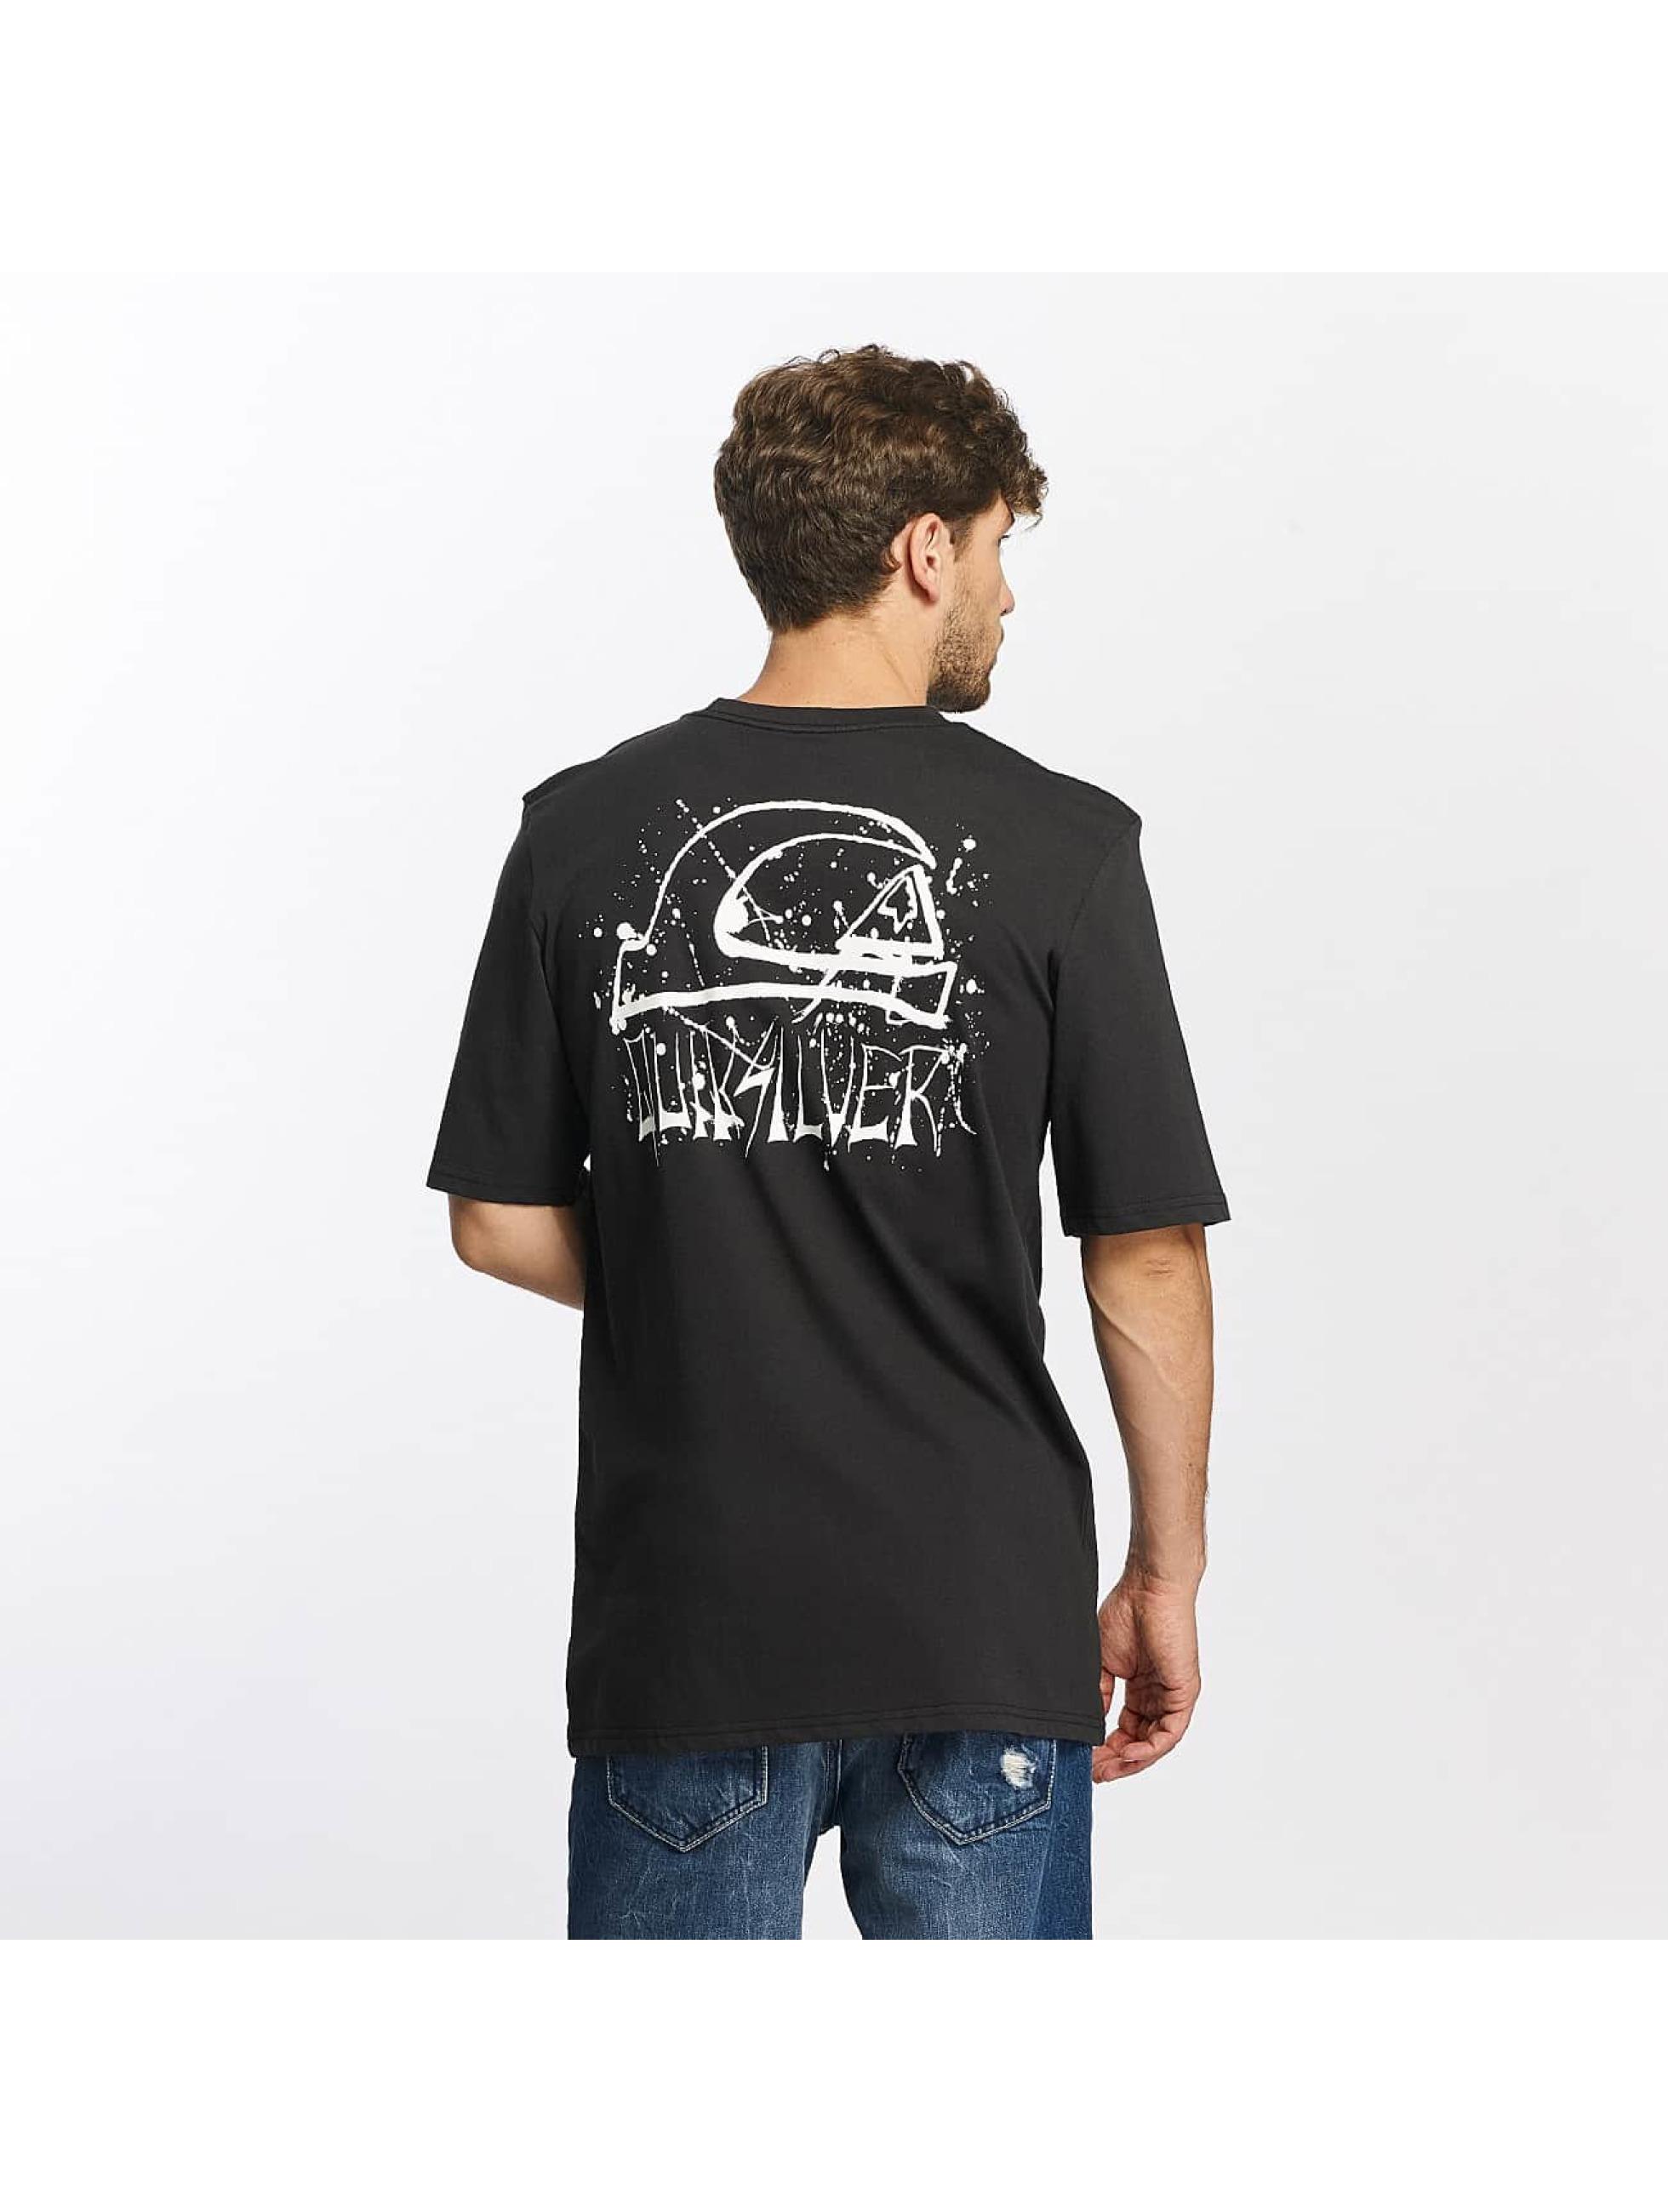 Quiksilver T-Shirt Neon Tendencies schwarz